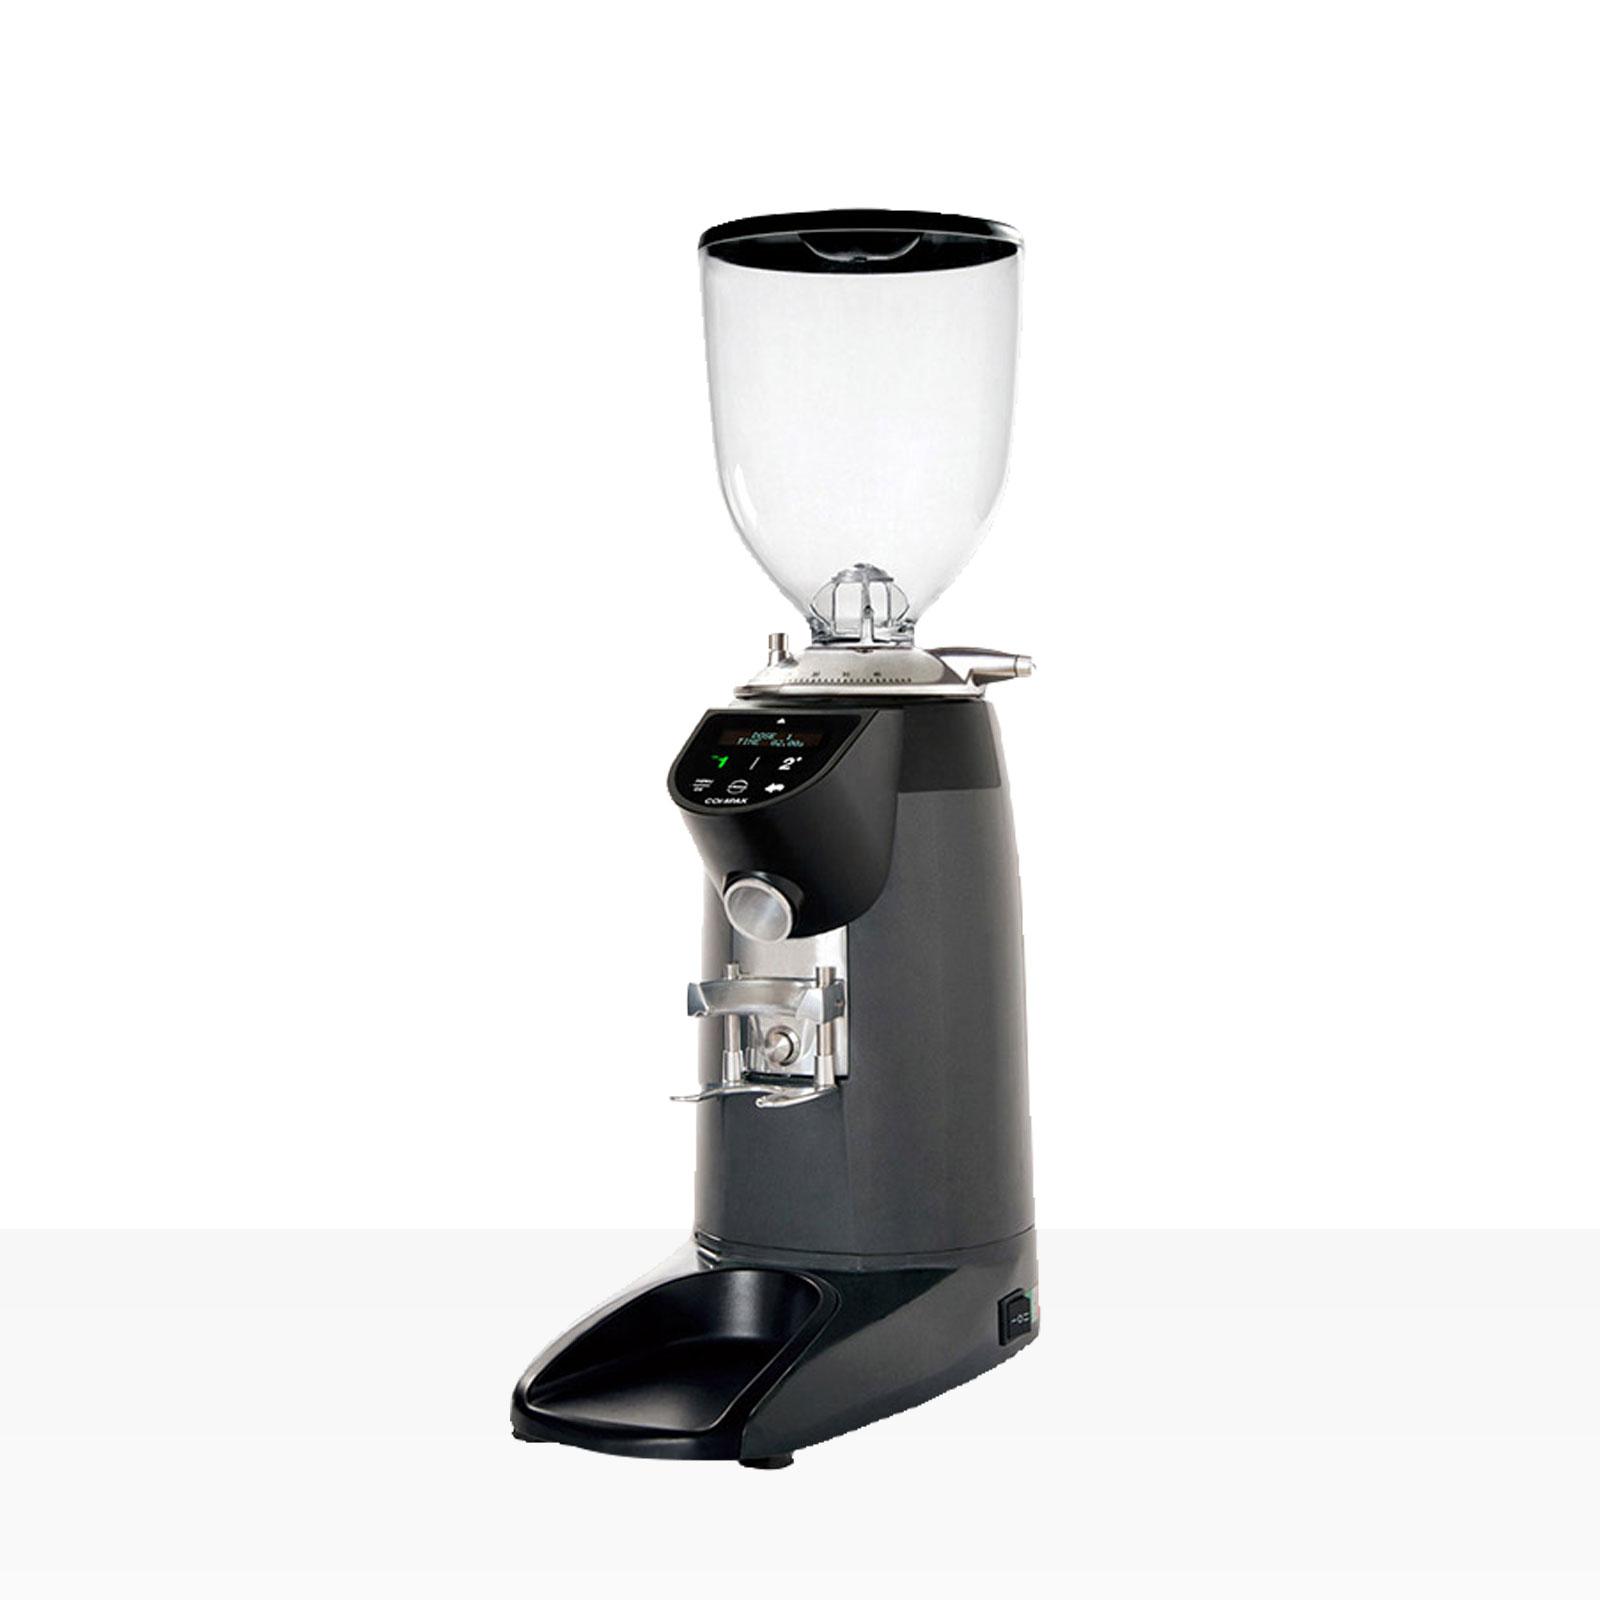 Melitta Cafina Kaffeemühle E6 Essential OD, Mühle für Bohnen